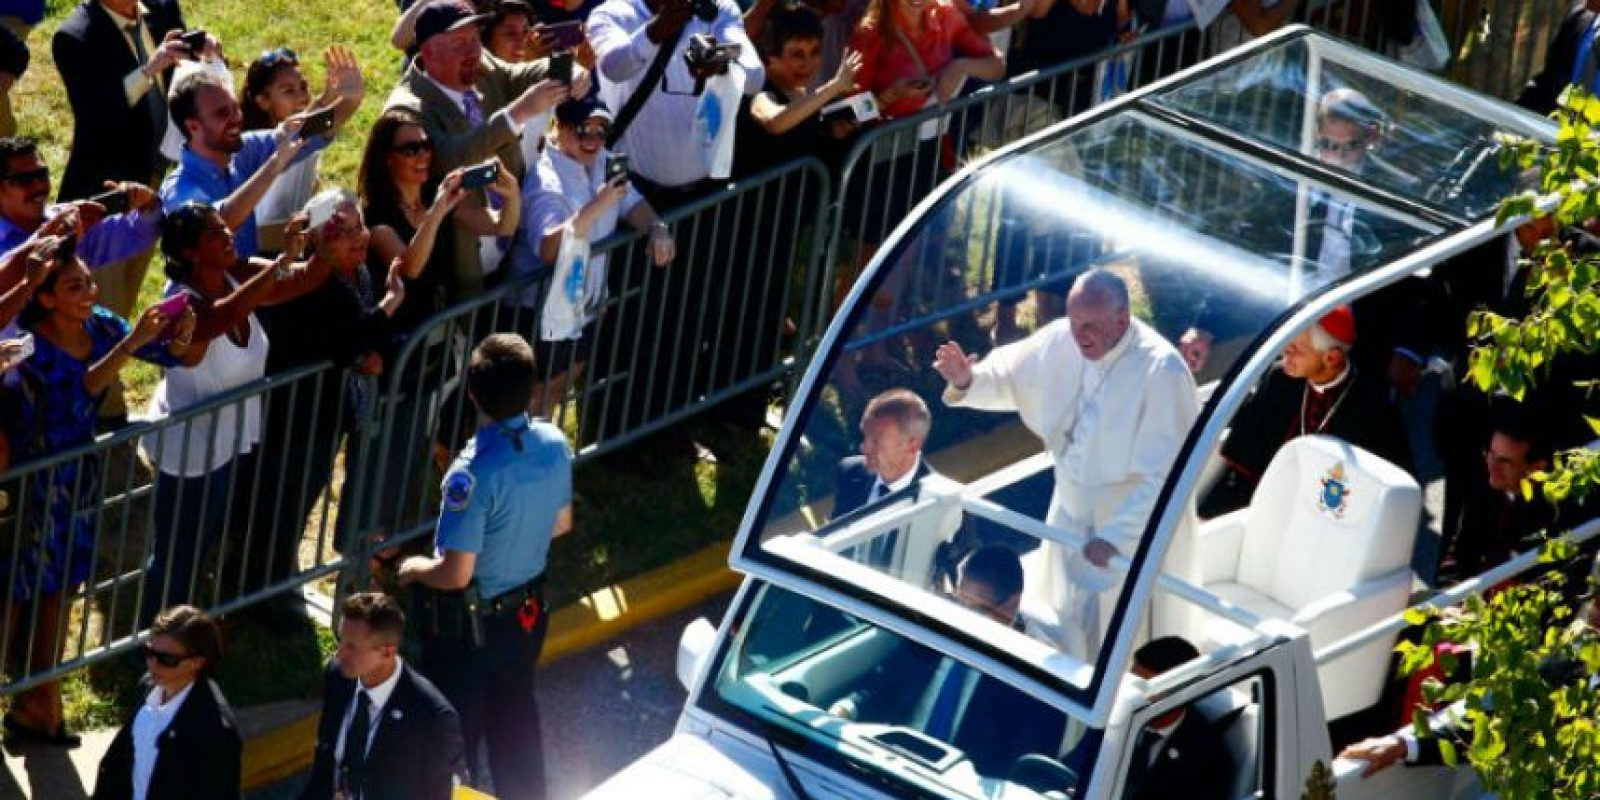 También realizó una caravana en las calles de Washington. Foto:AFP